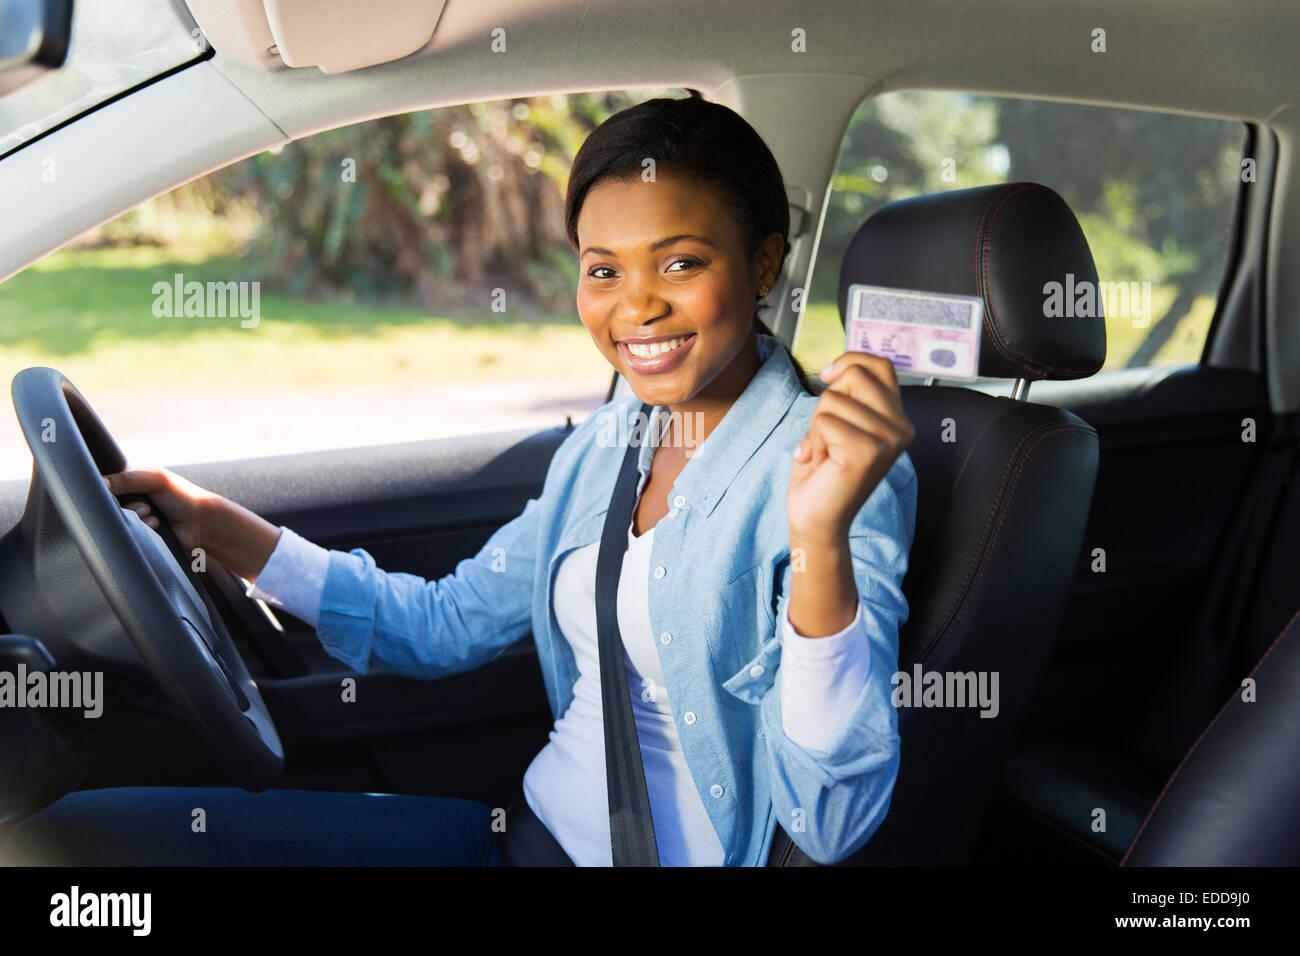 Bonita mujer africana en un coche mostrando su licencia de conductor. Imagen De Stock